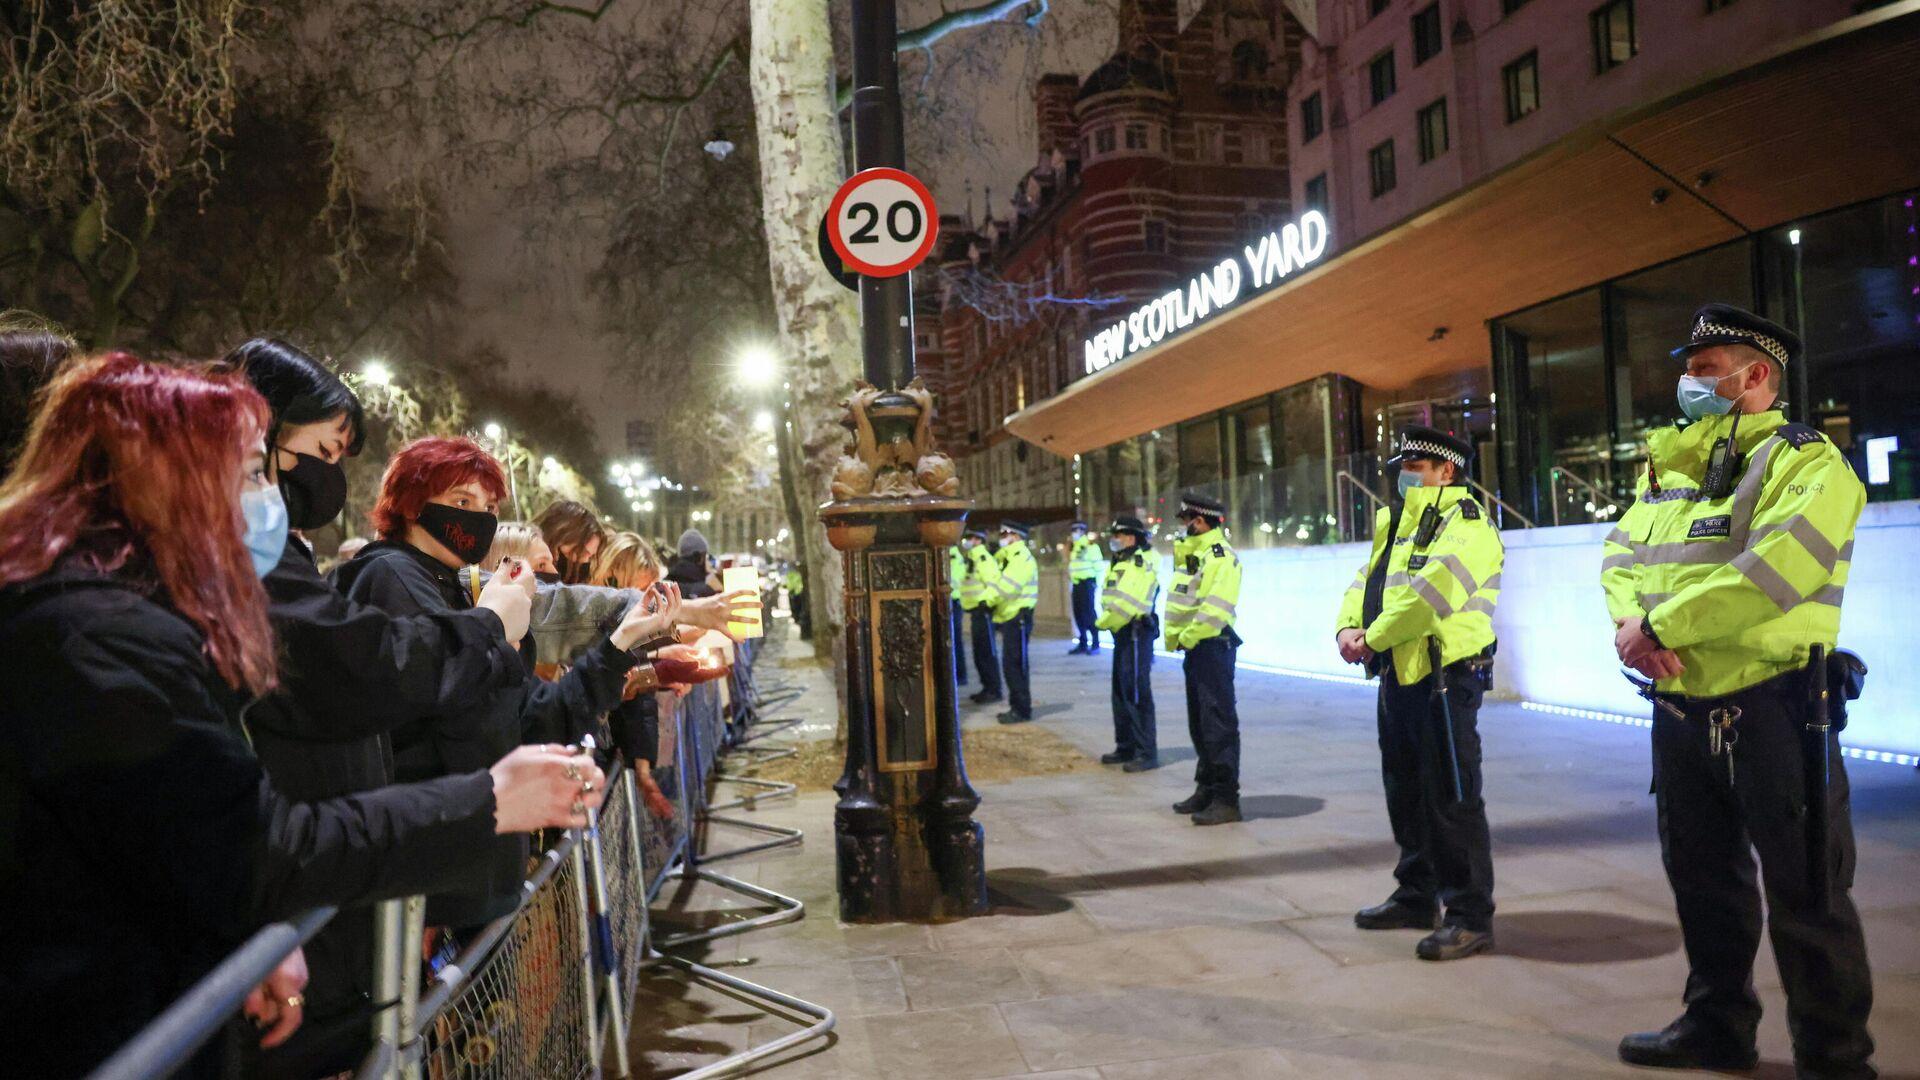 Протесты у здания Скотланд-Ярда в Лондоне после убийства Сары Эверард  - РИА Новости, 1920, 16.03.2021